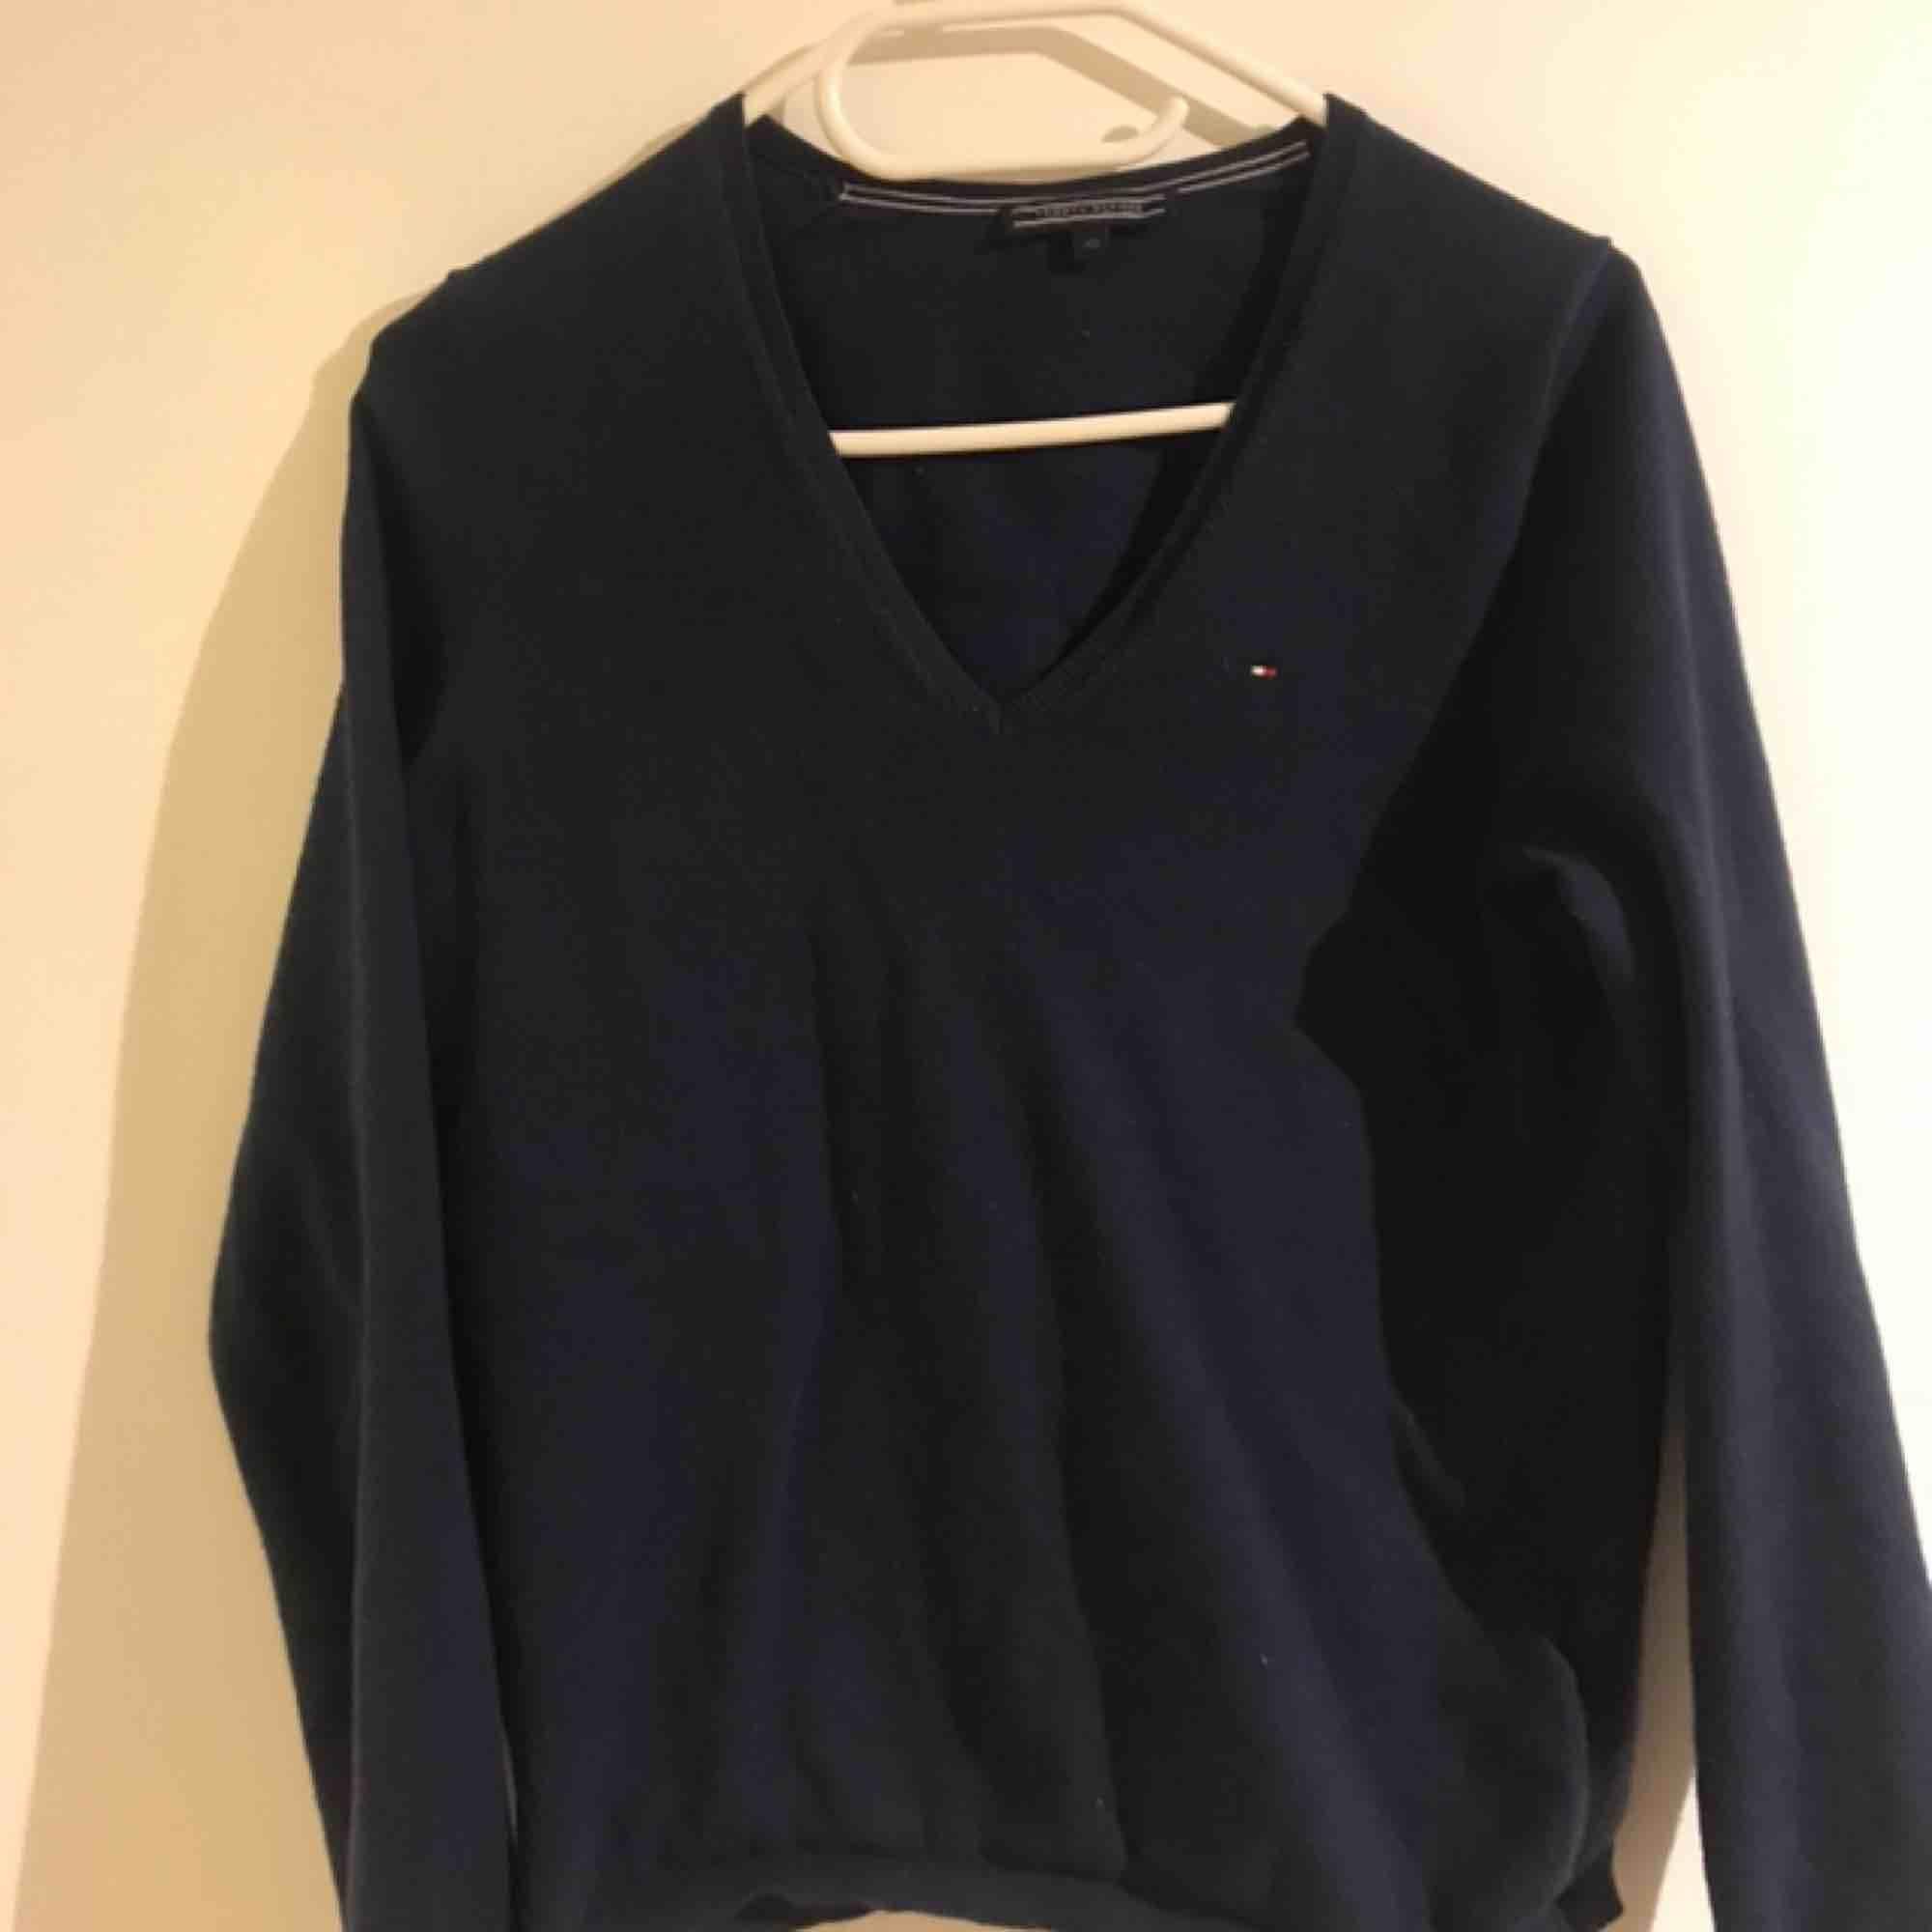 Mörkblå långärmad tröja från Tommy Hilfiger, använd Max 5 ggr. Tröjor & Koftor.